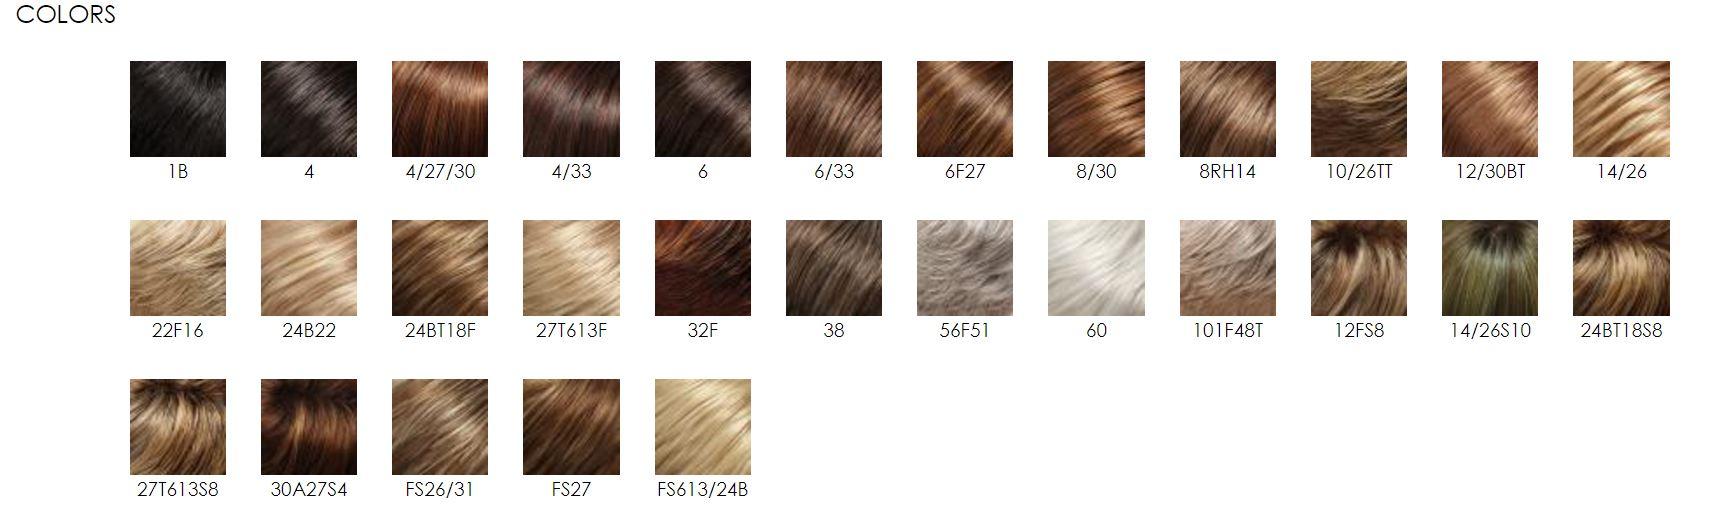 Jon renau synthetic wig color chart